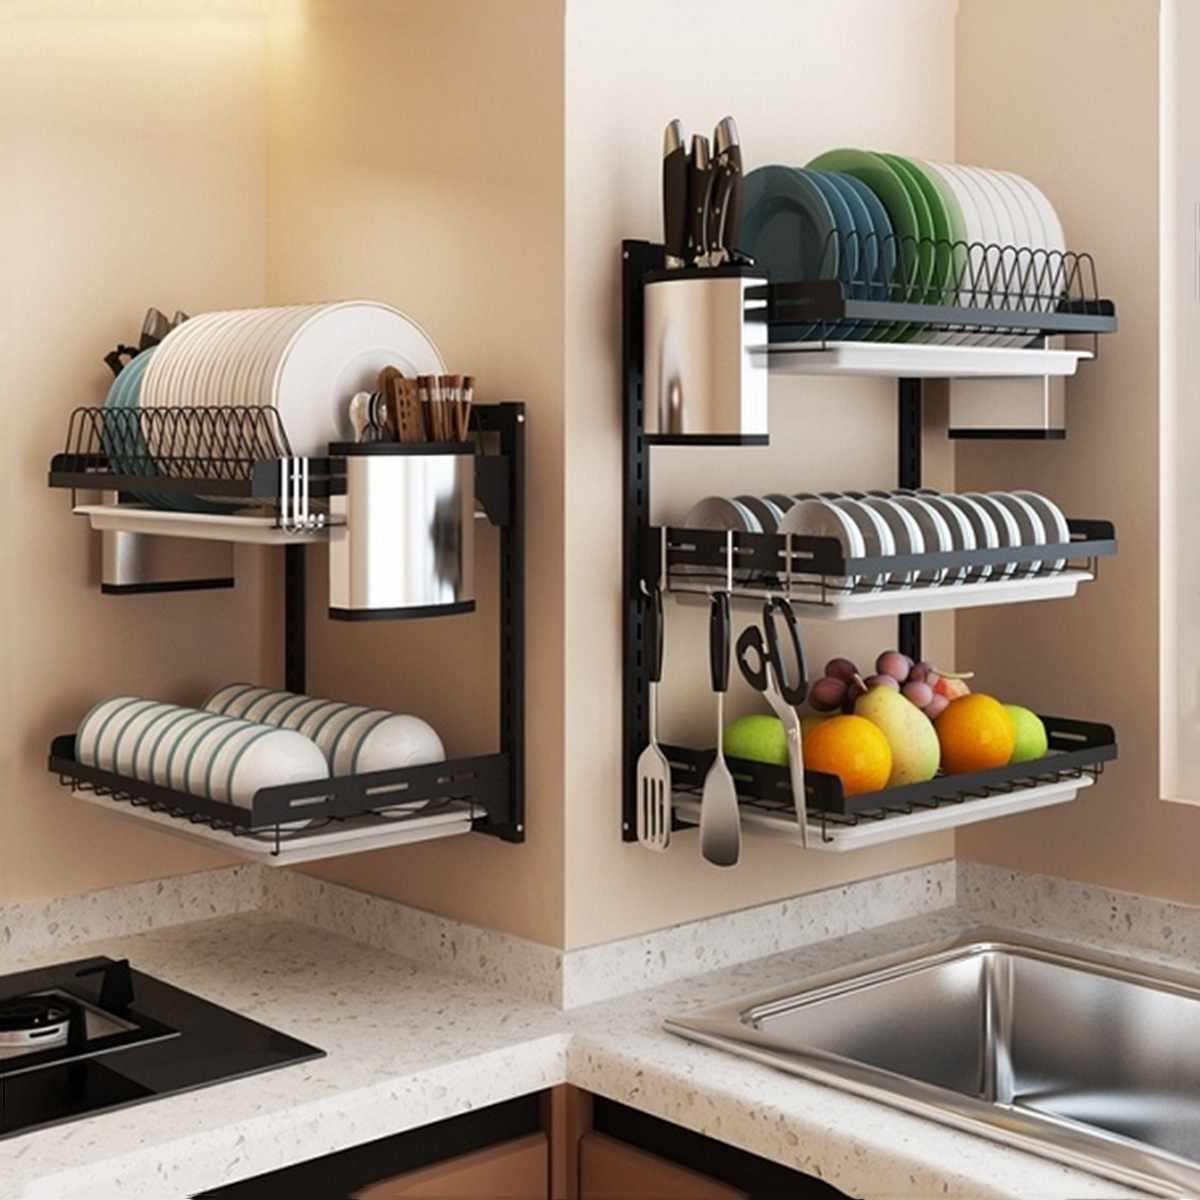 Égouttoir à vaisselle en acier inoxydable | Cuisine en acier inoxydable 304 assiette couverts tasse égouttoir à vaisselle, support de séchage support de cuisine mural, organisateur de cuisine